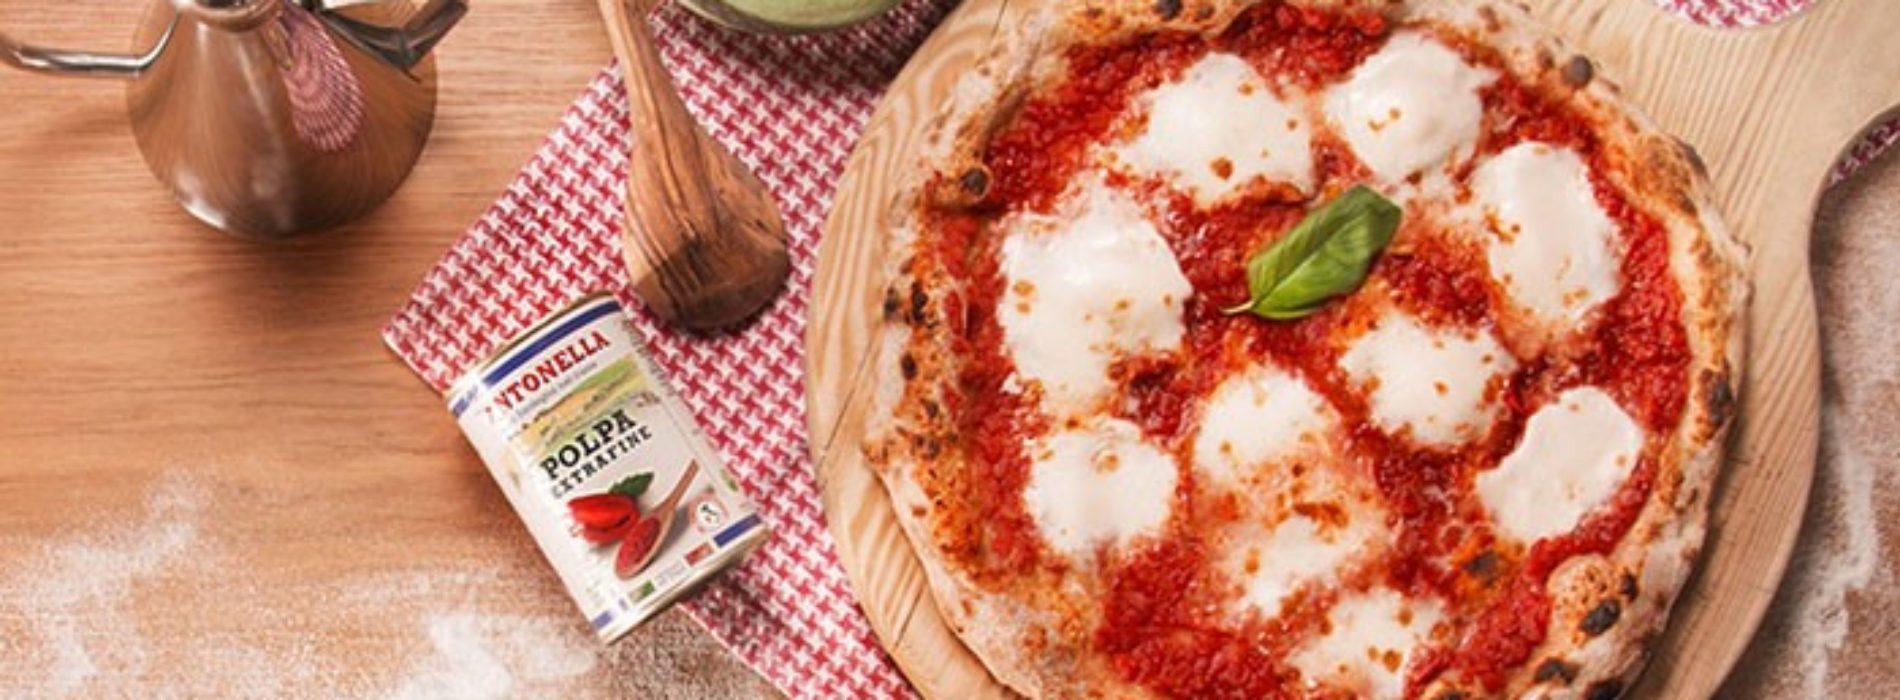 Eventi food Roma maggio 2019, cene speciali degustazioni e aperitivi in città